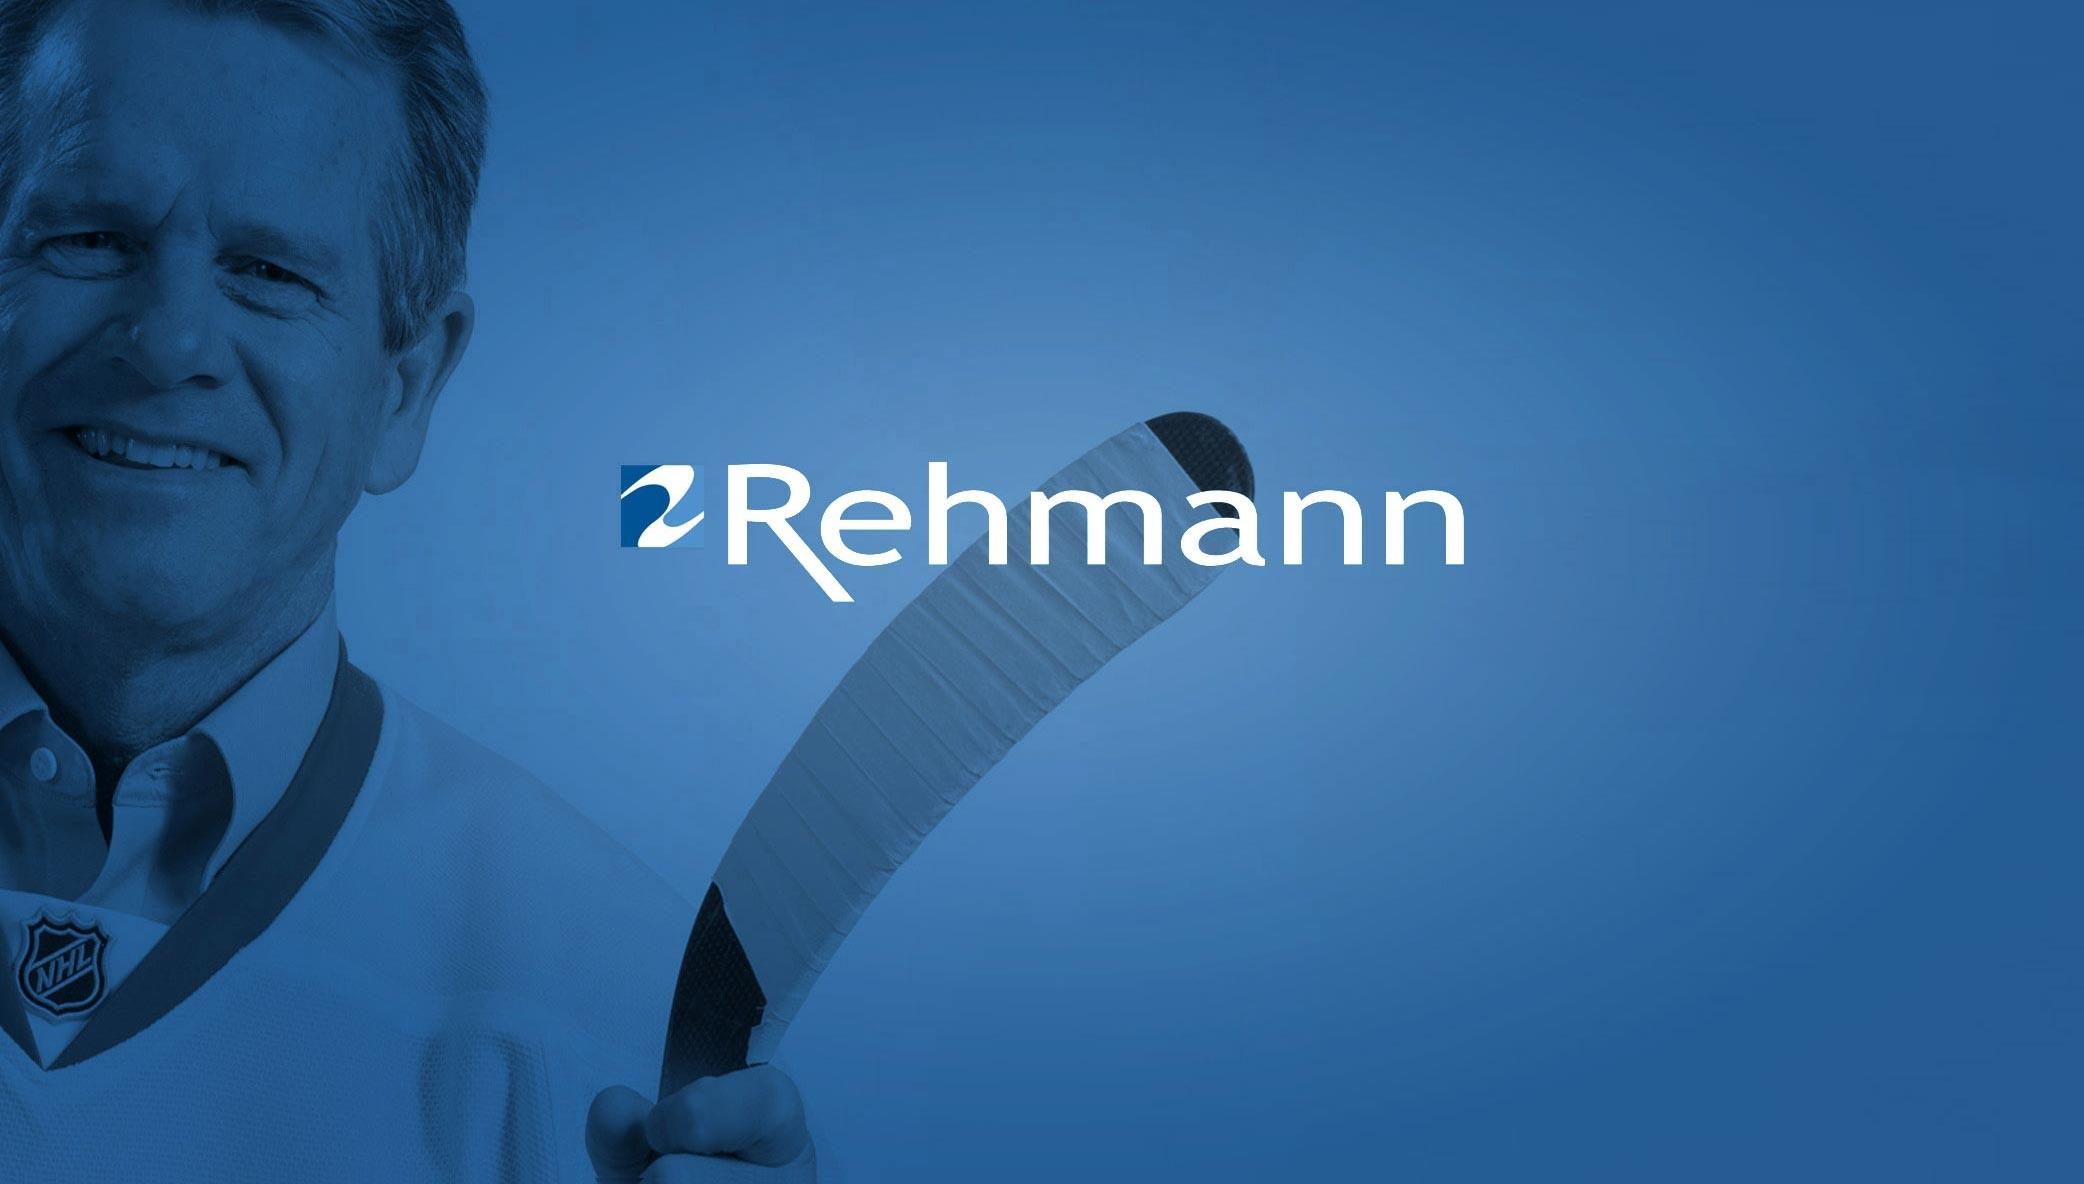 Rehmann